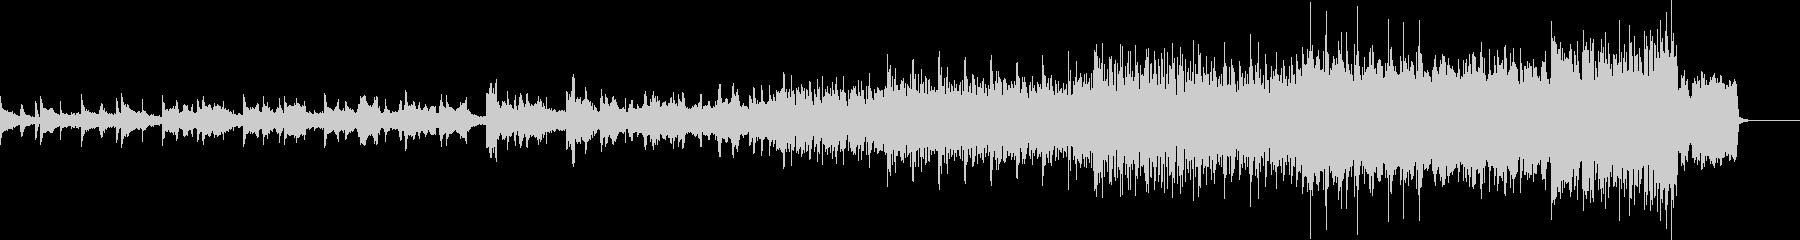 ヴァイオリンと琴と三味線と和太鼓の未再生の波形